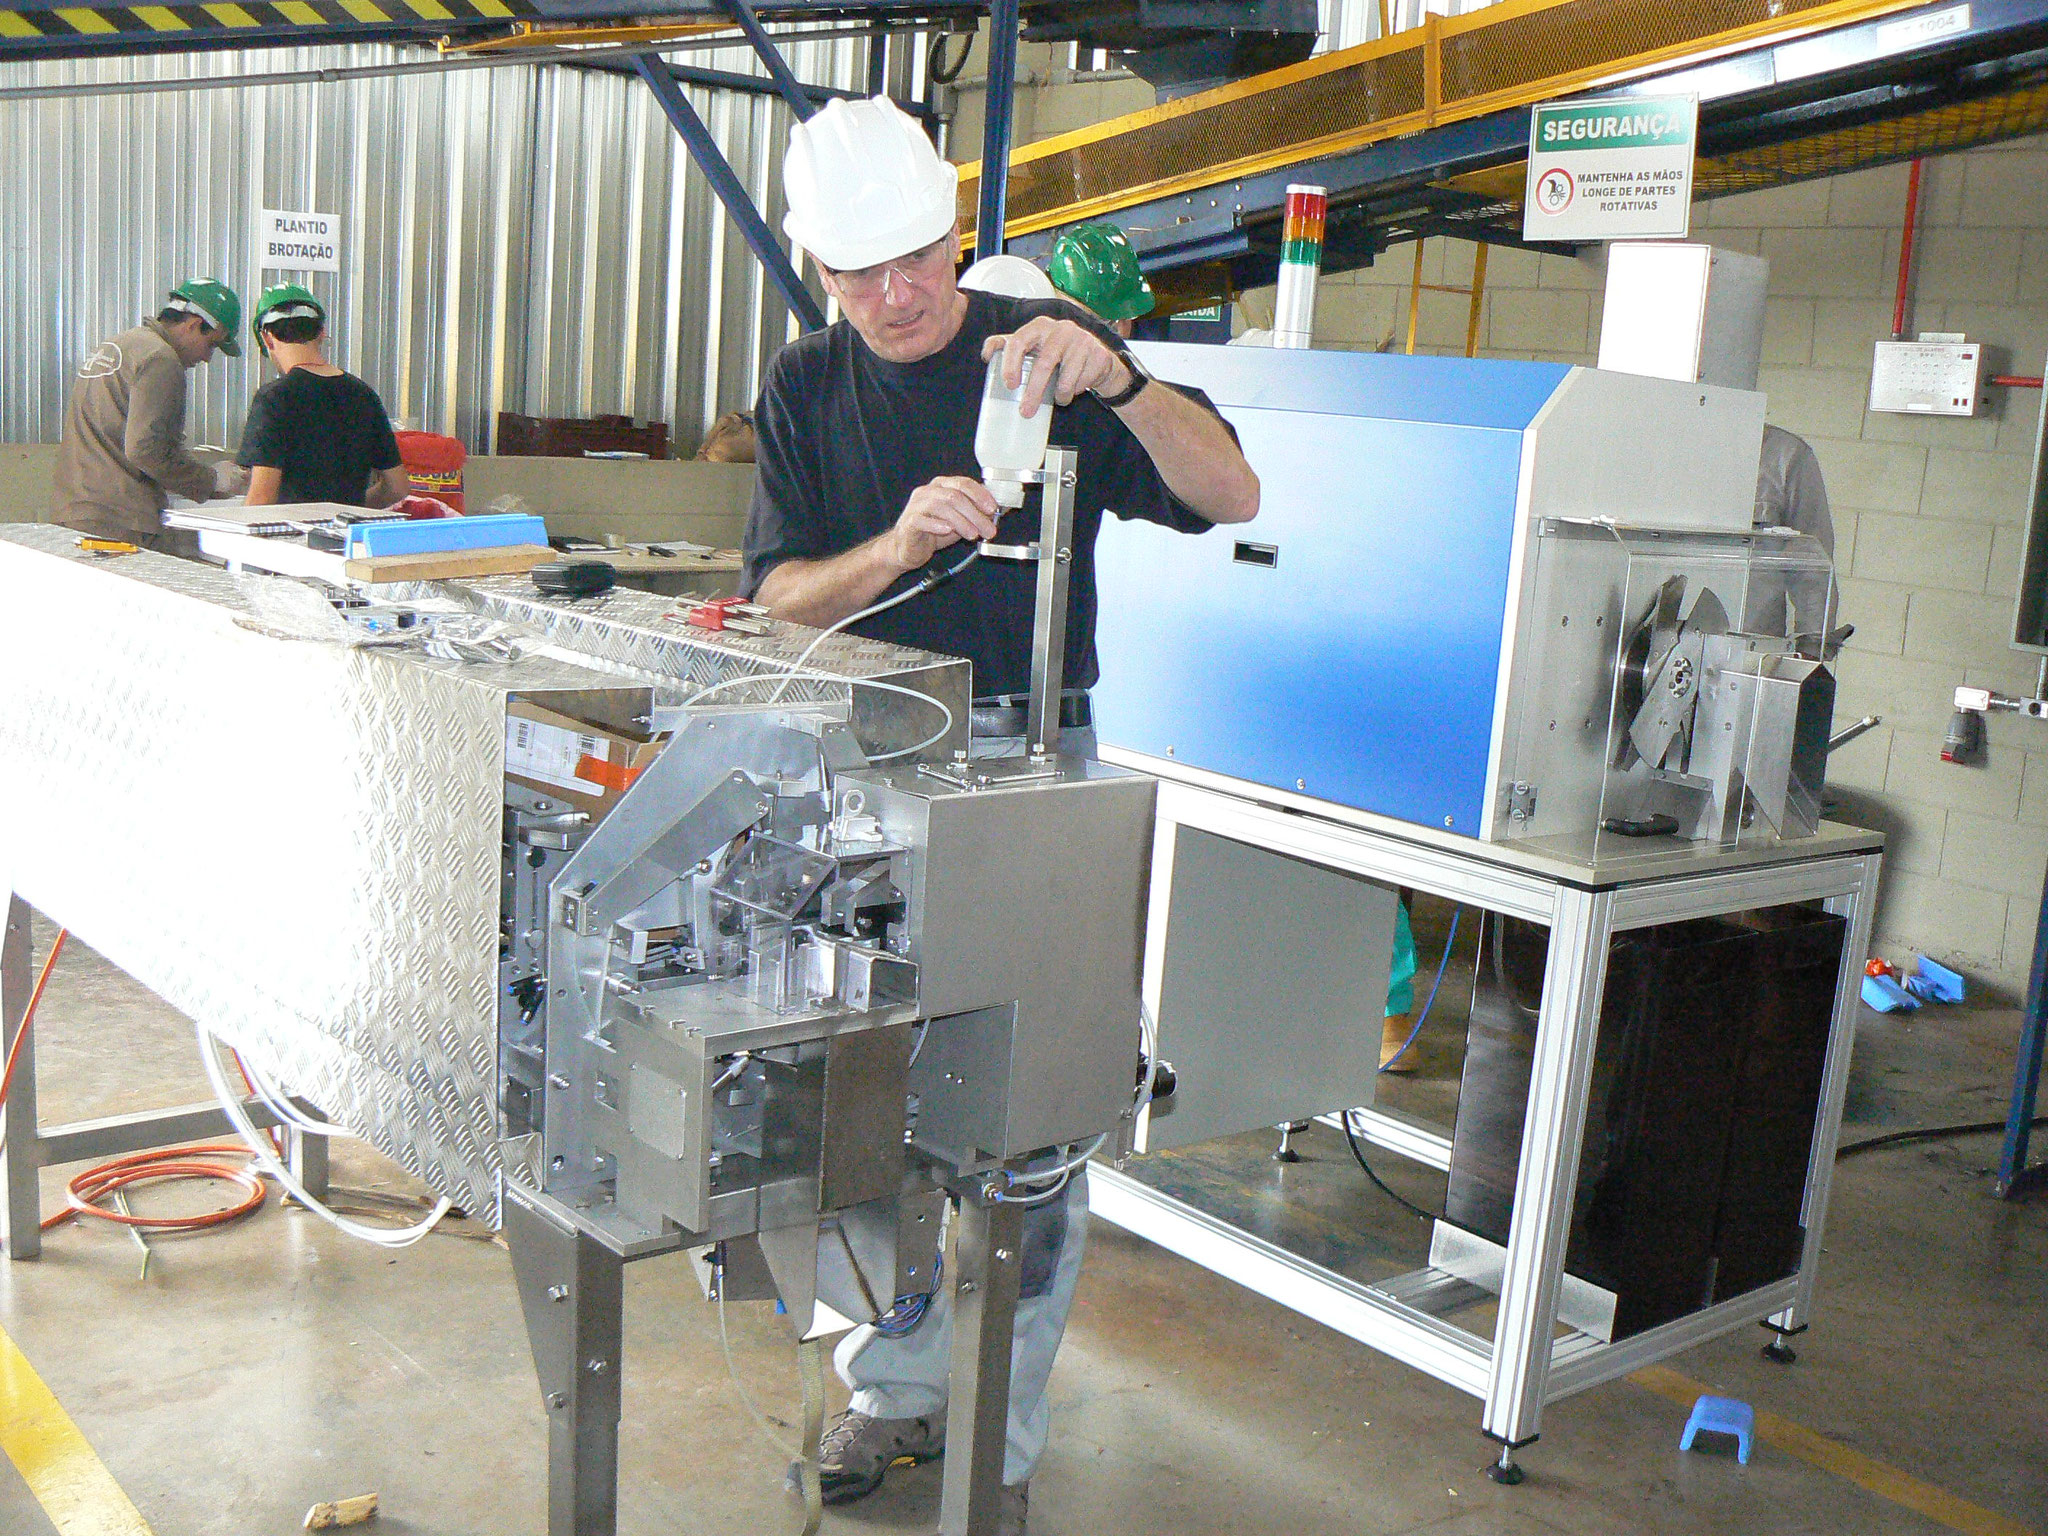 Zuckerrohrschneidmaschine im Betrieb in Brasilien